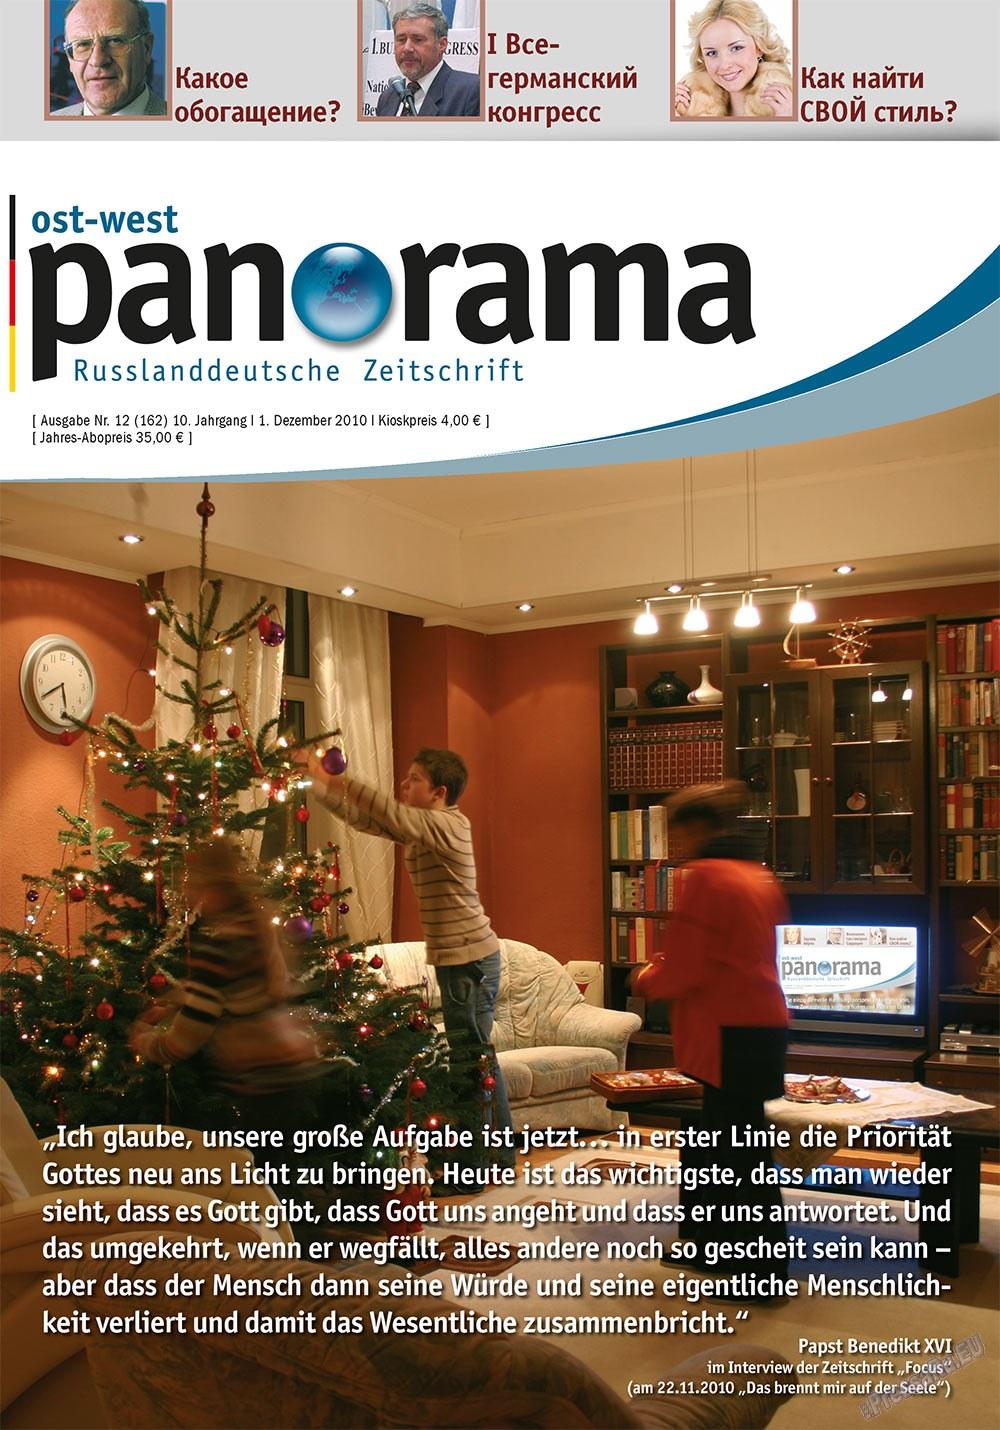 Ost-West Panorama (журнал). 2010 год, номер 12, стр. 1